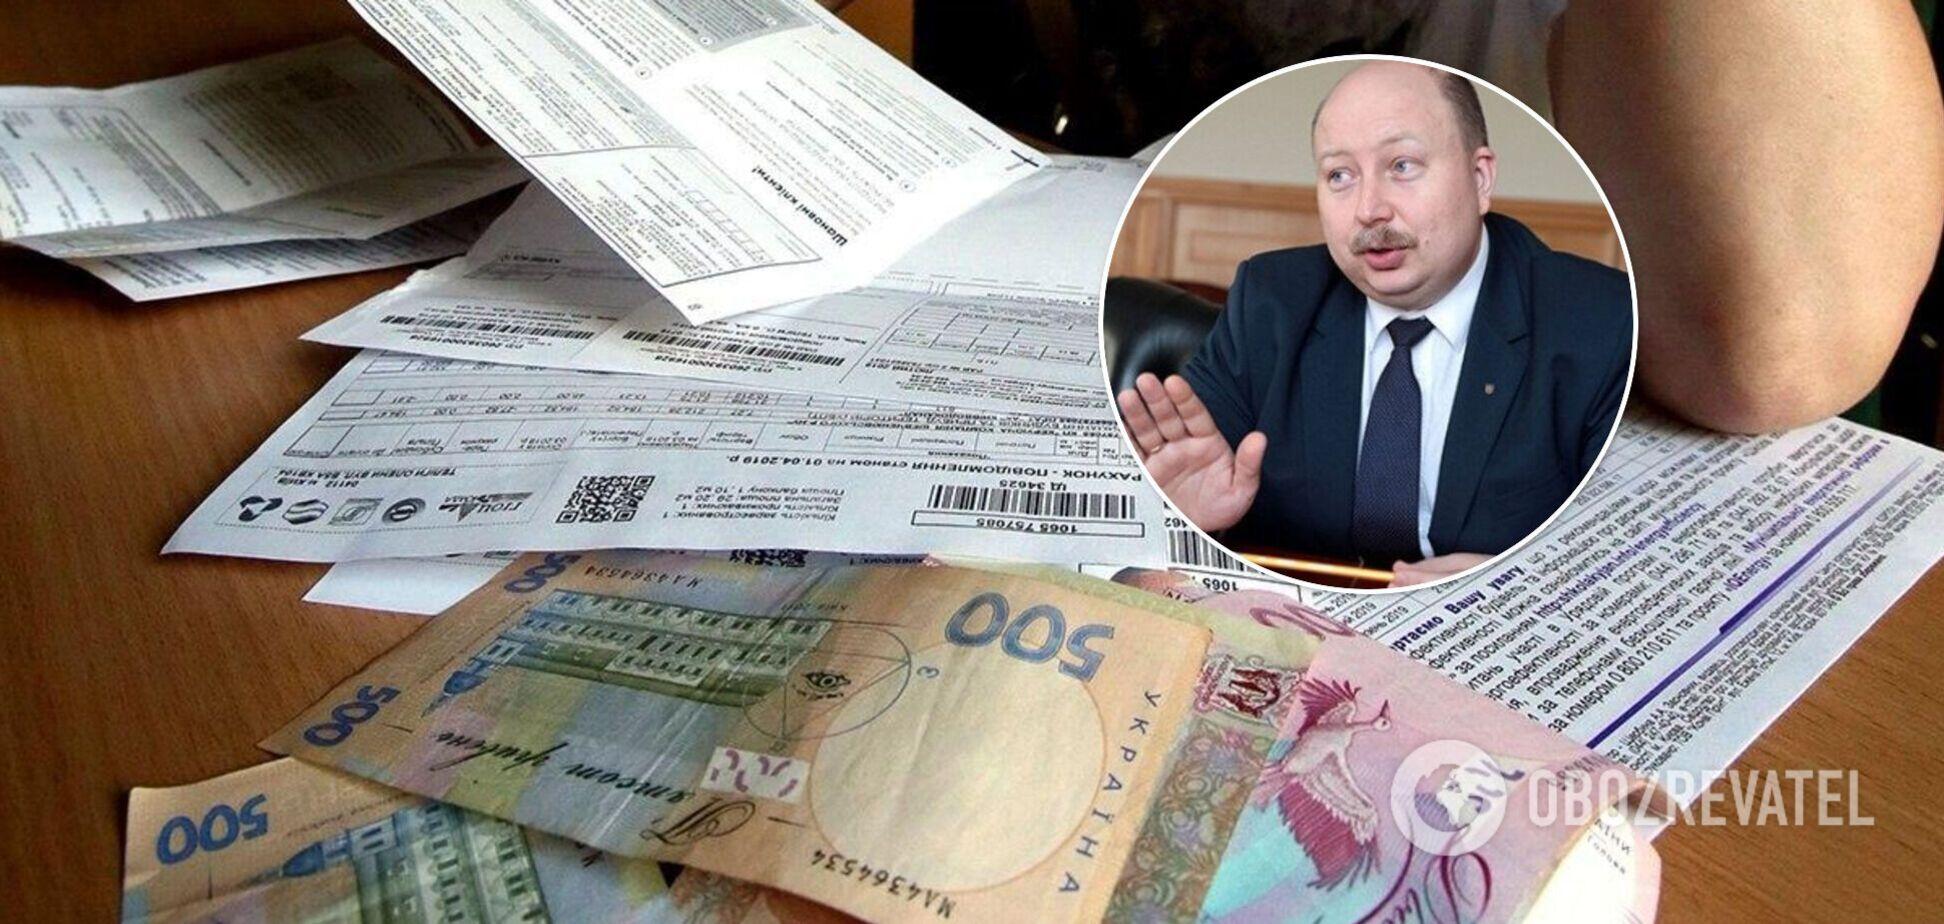 У місцевої влади немає підстав для підвищення тарифів на комуналку, – Немчінов